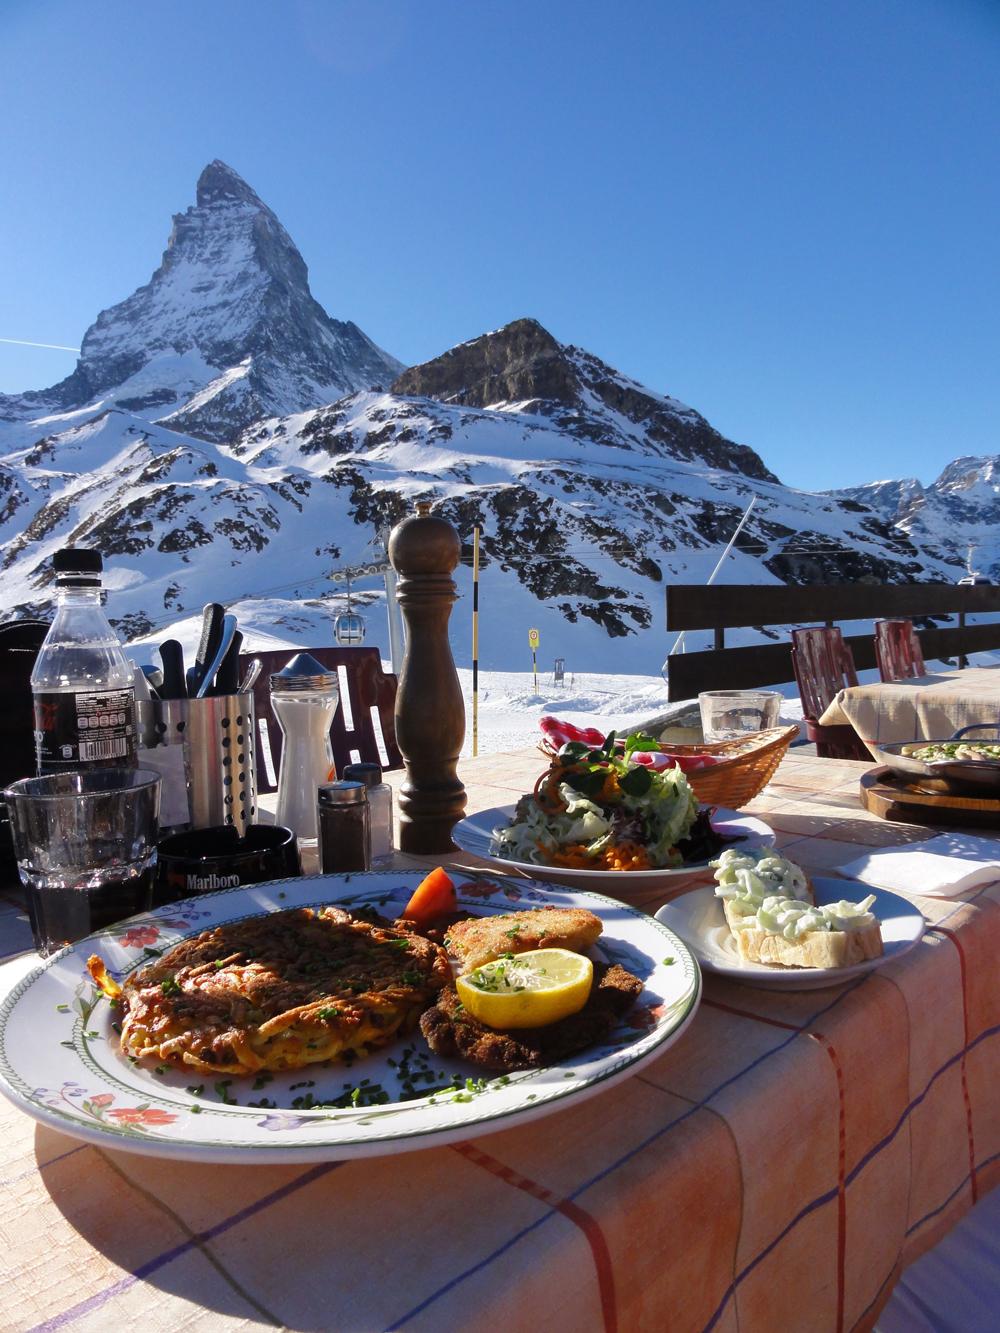 Lounastauko Matterhornin maisemissa.